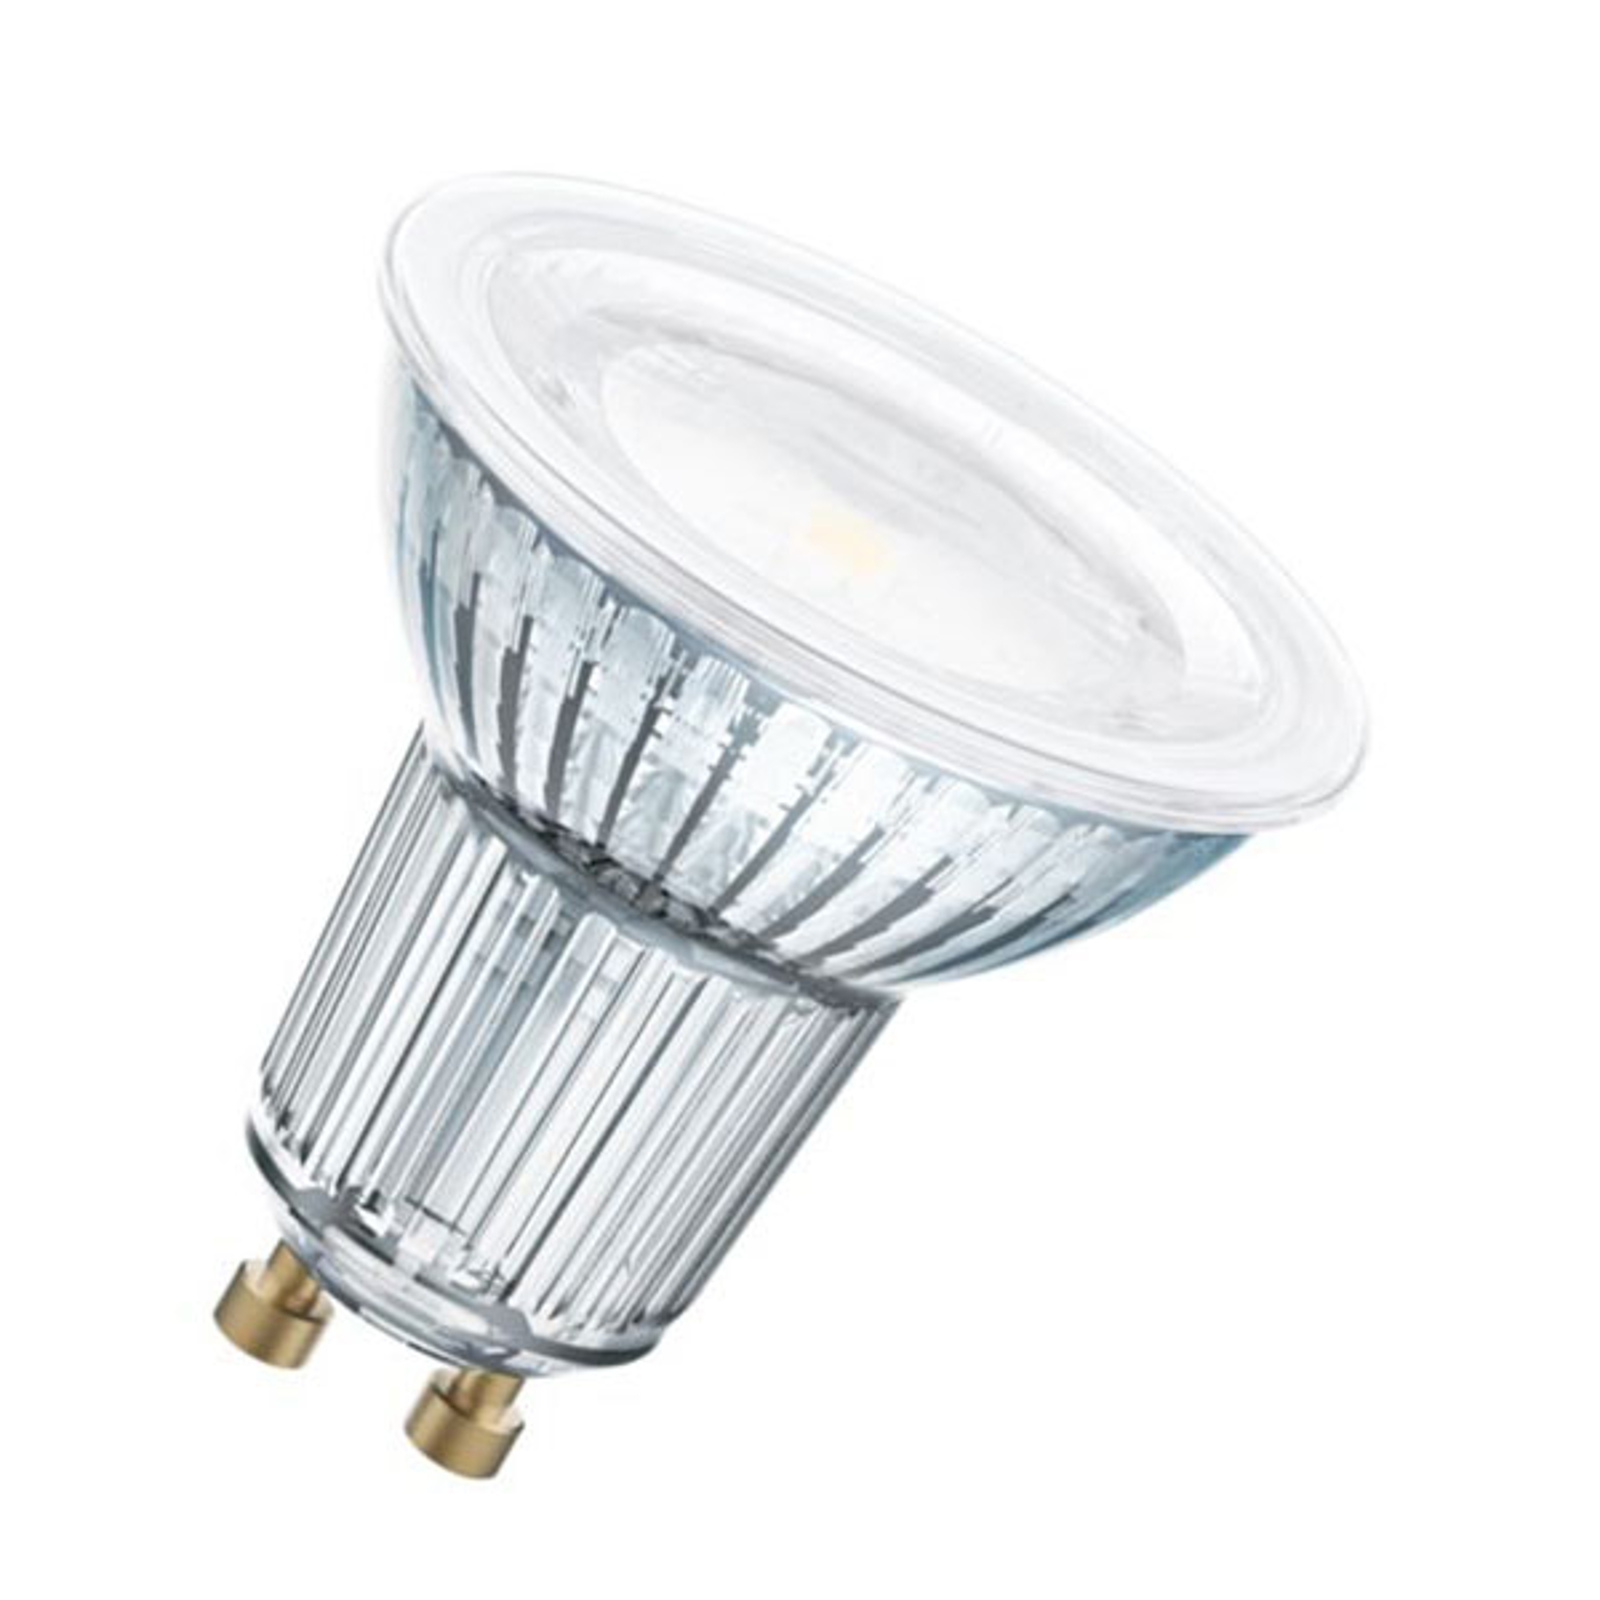 OSRAM LED-glassreflektor GU10 7,9W 927 120° dim